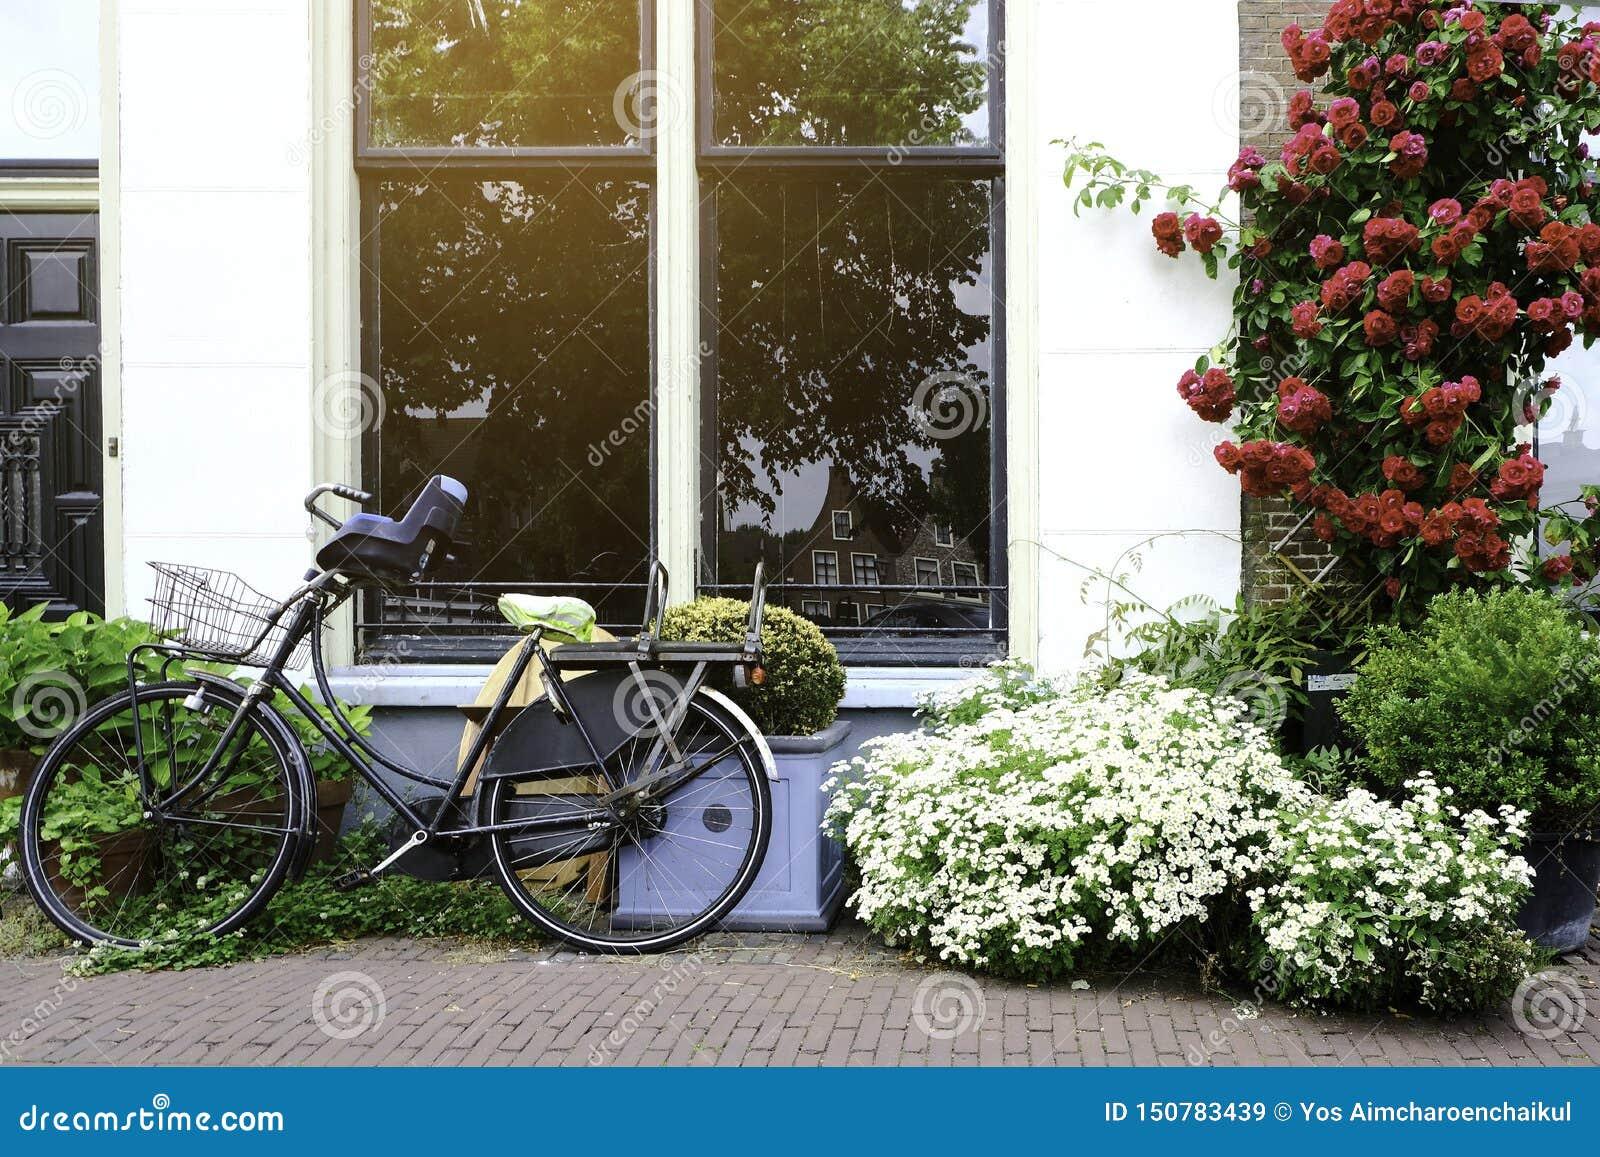 Vélos antiques garés devant la maison Bicyclette se penchant sur les grandes fenêtres au bord de la route